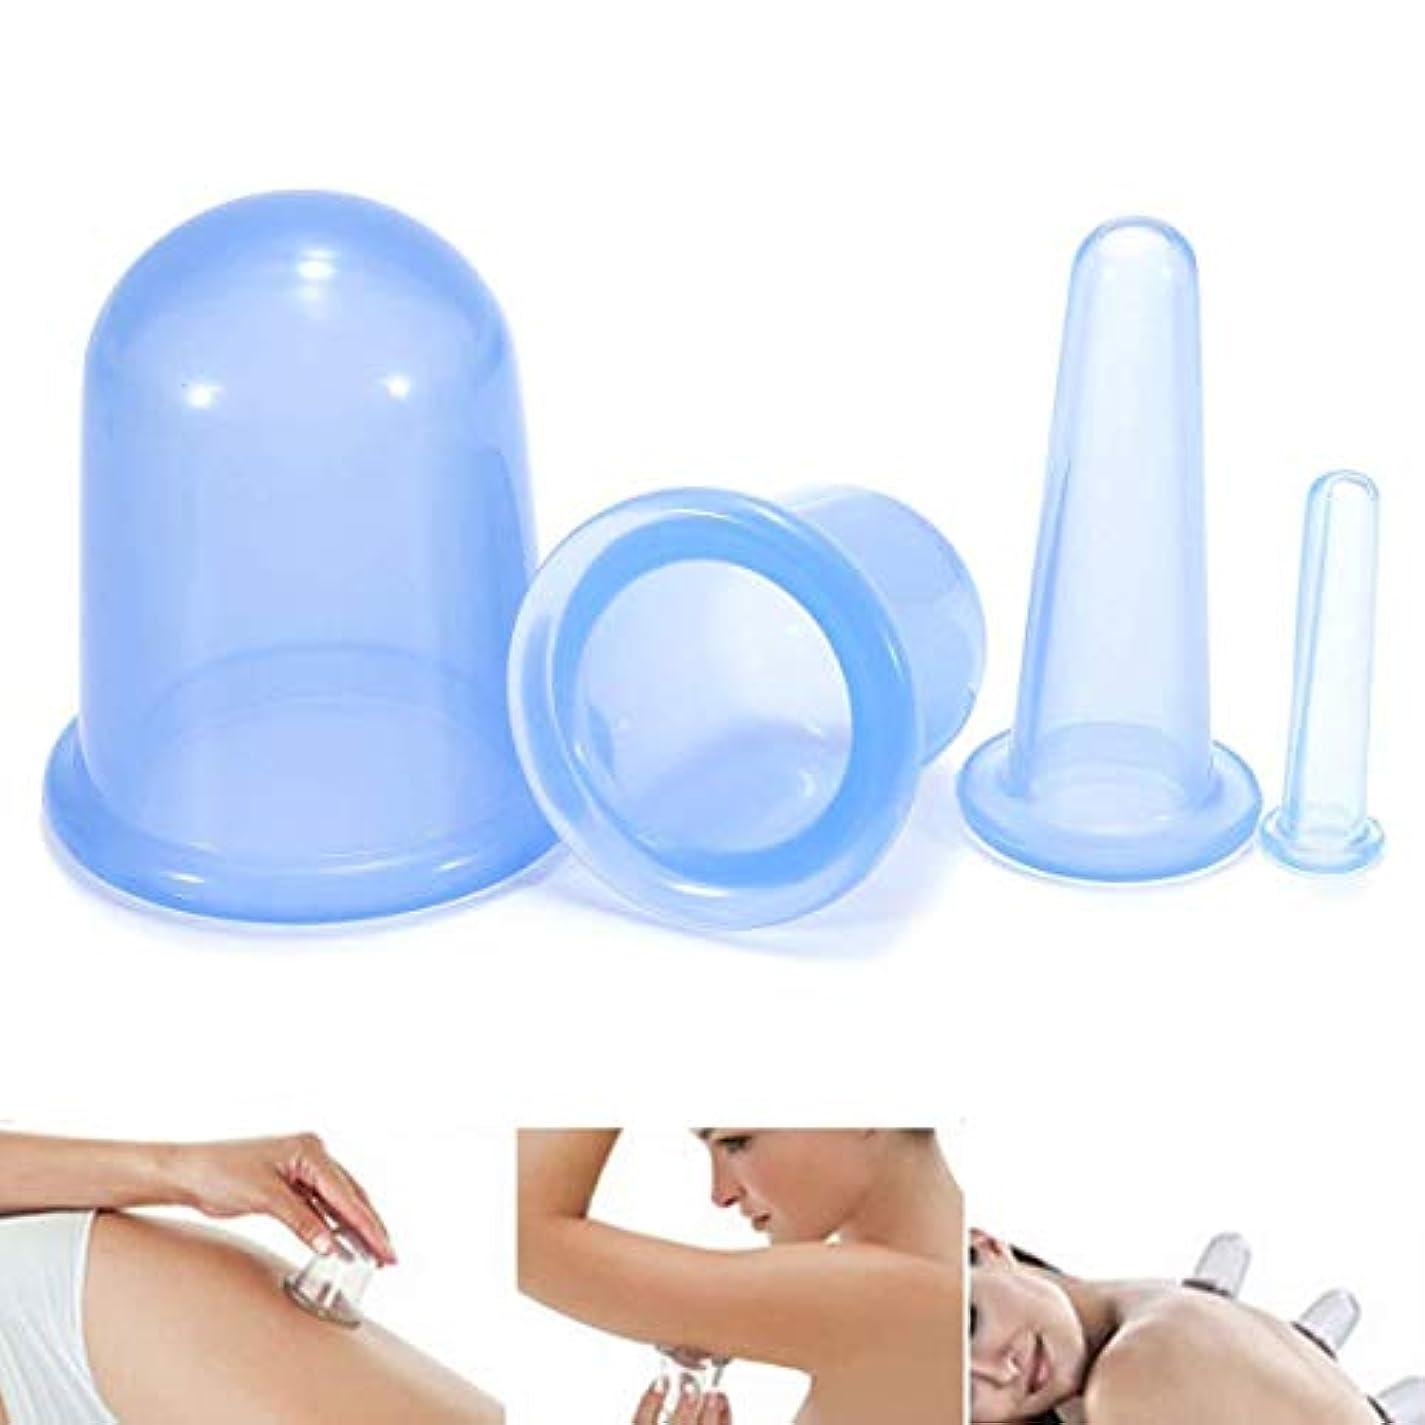 援助アクセサリー対処するセルライトカッピングセット療法マッサージGuasha吸引真空マッサージカップ美容シリコーンカッピング